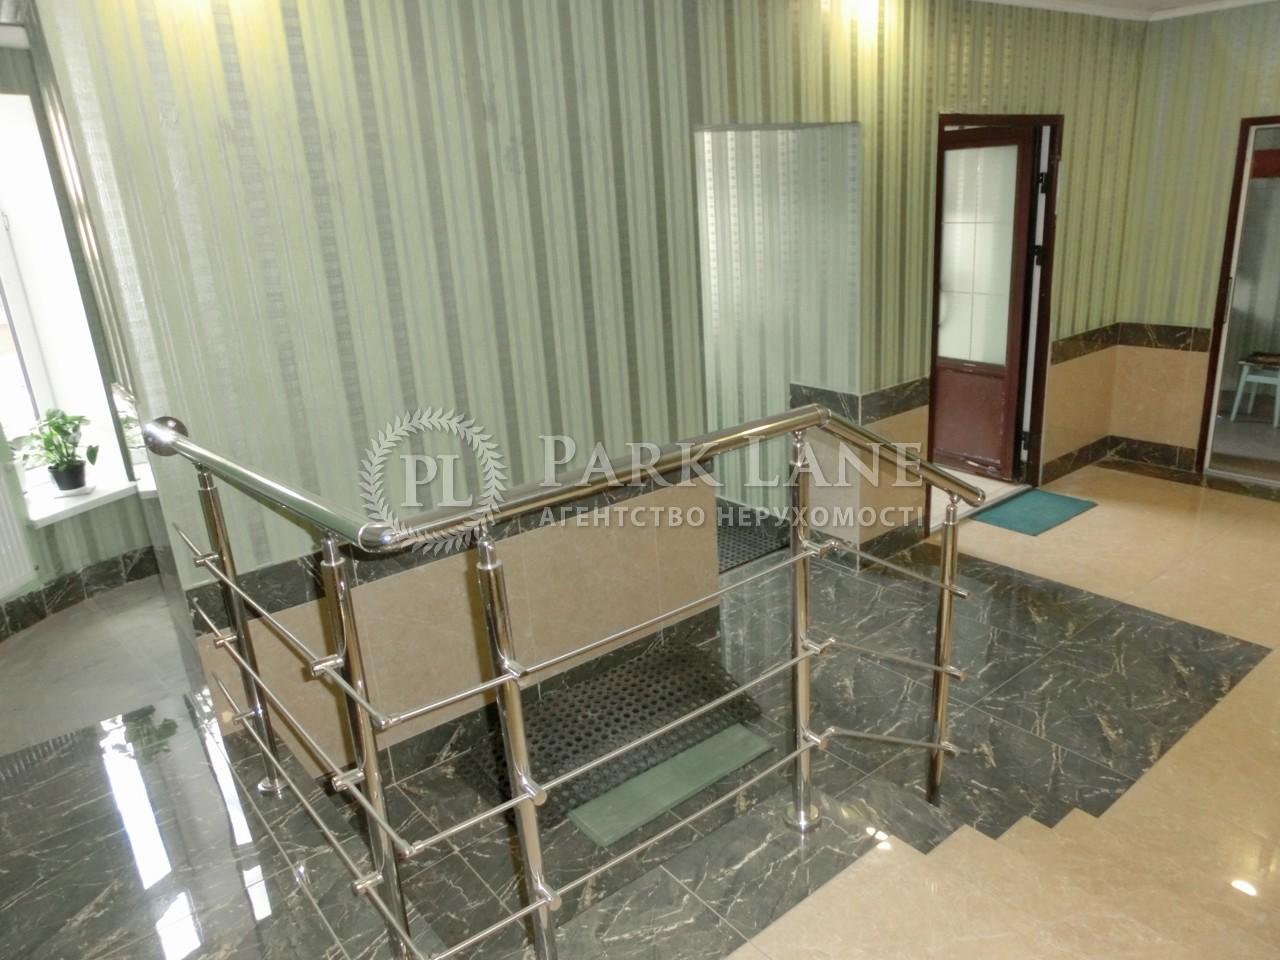 Нежитлове приміщення, B-92359, Вітянська, Вишневе (Києво-Святошинський) - Фото 15